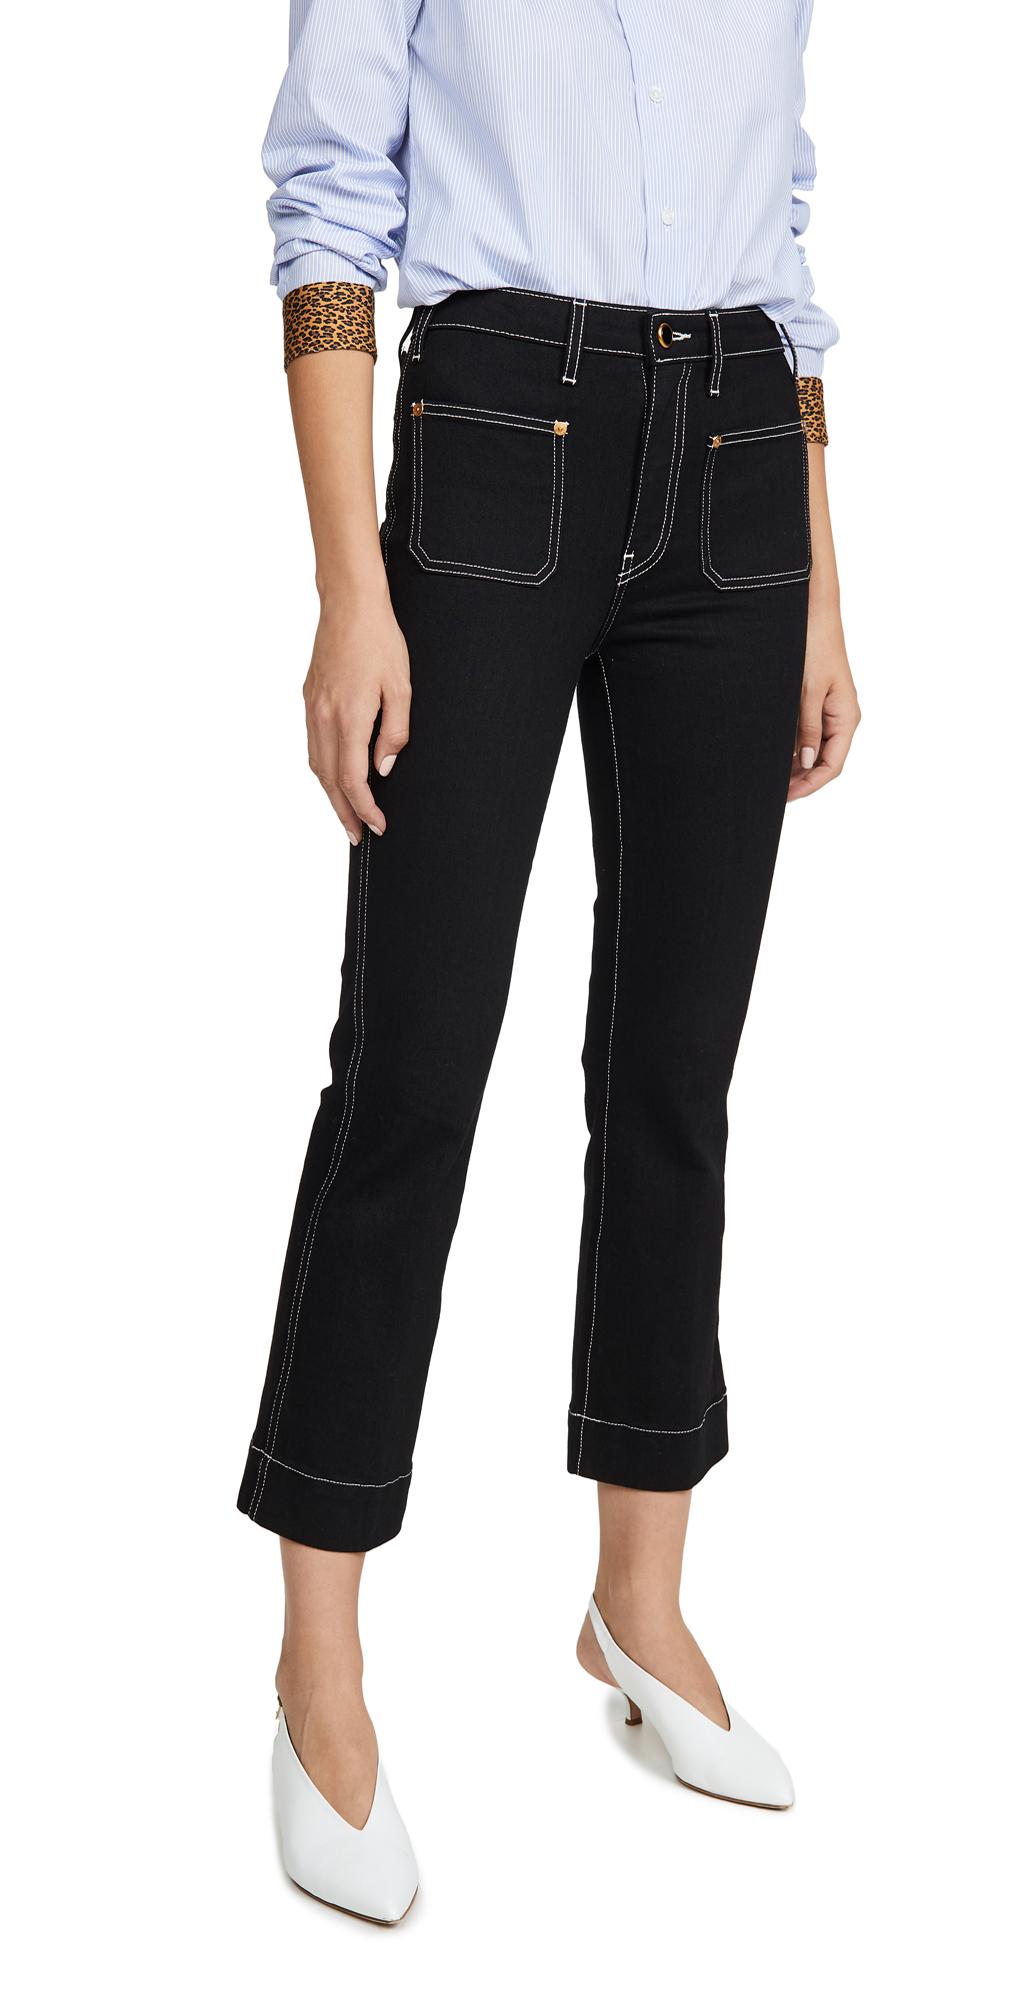 Khaite Raquel Patch Cropped Flare Jeans